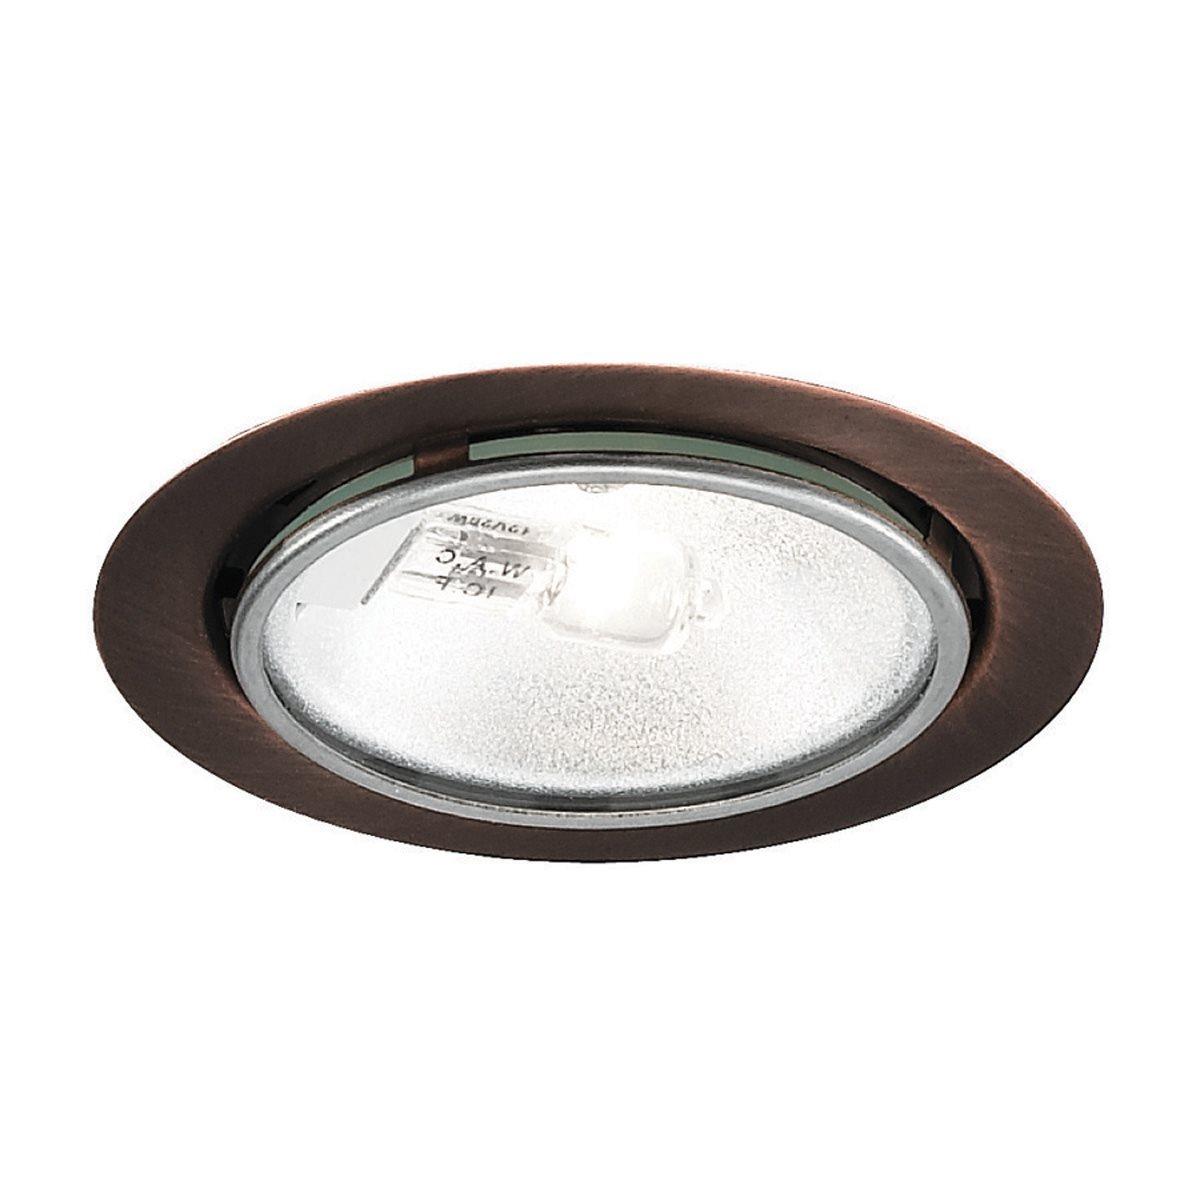 W A C Lighting Hr 88 20w 12v Low Voltage Halogen Button